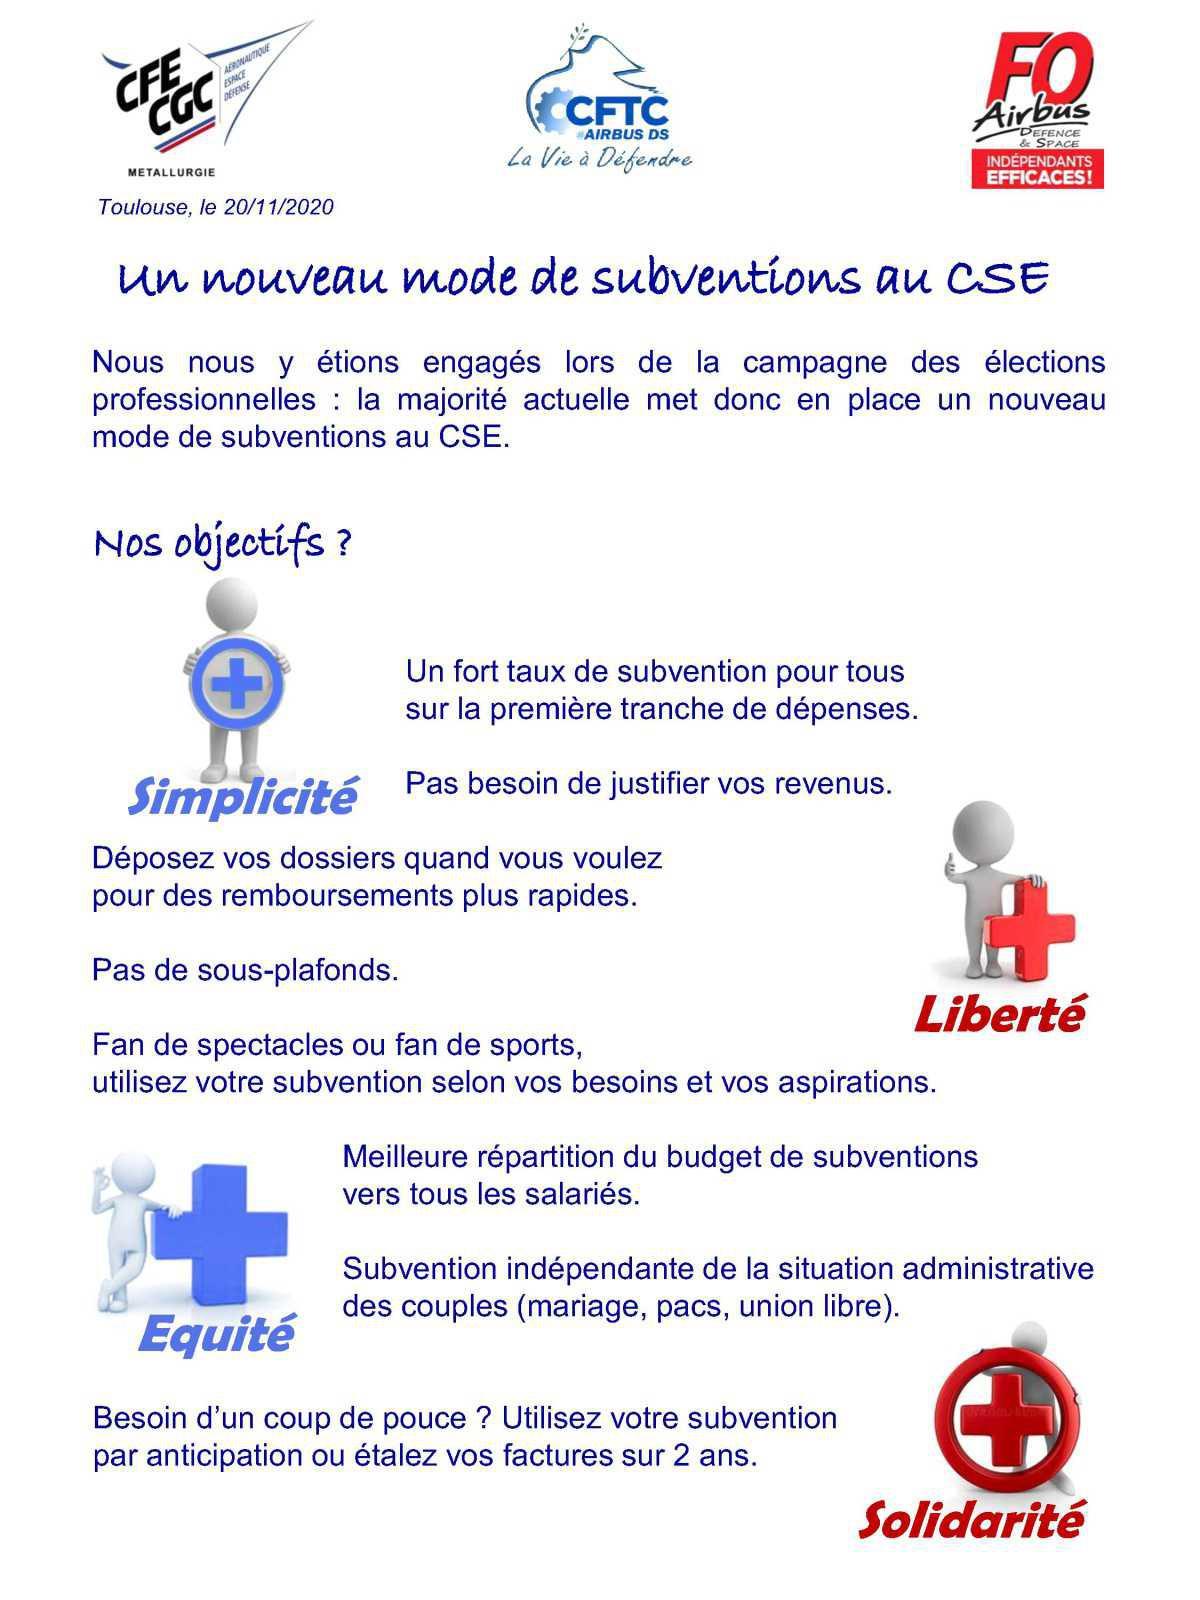 Un nouveau mode de subventions au CSE